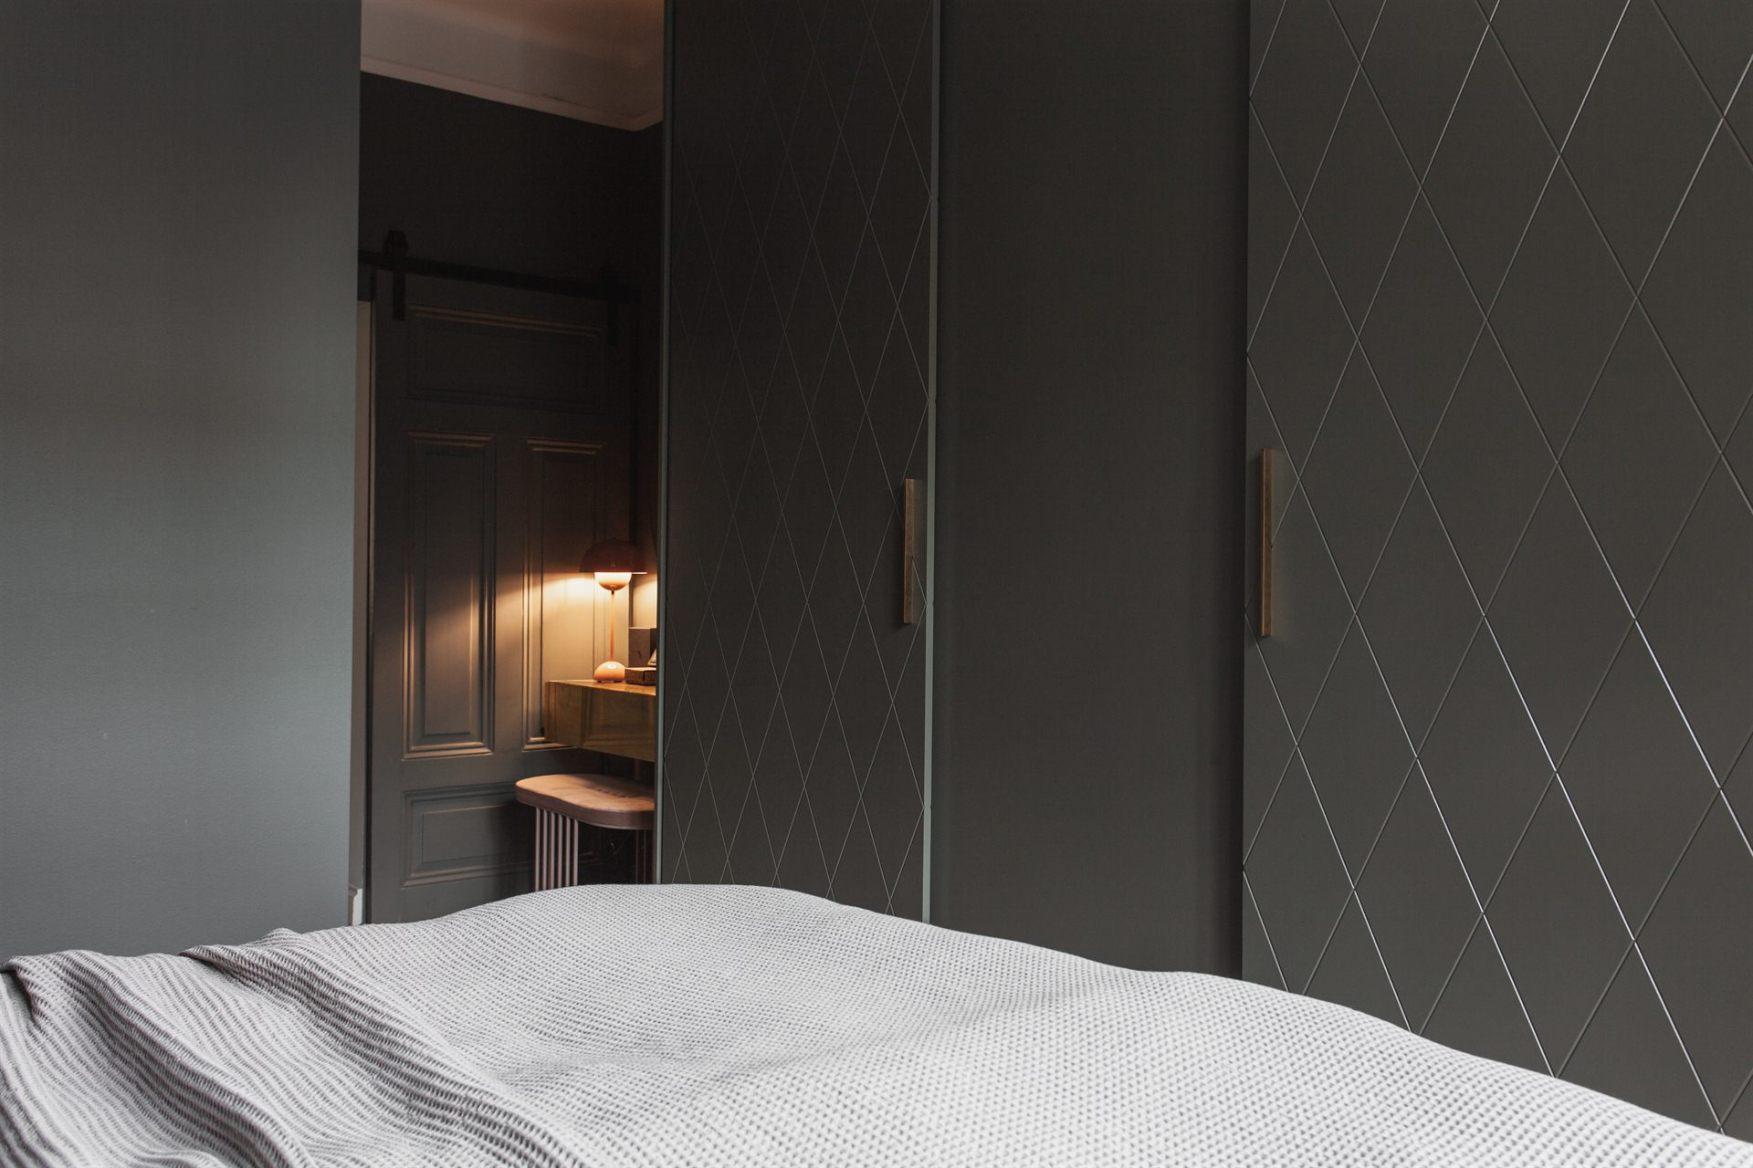 квартира 67 квм спальня шкаф рабочее место